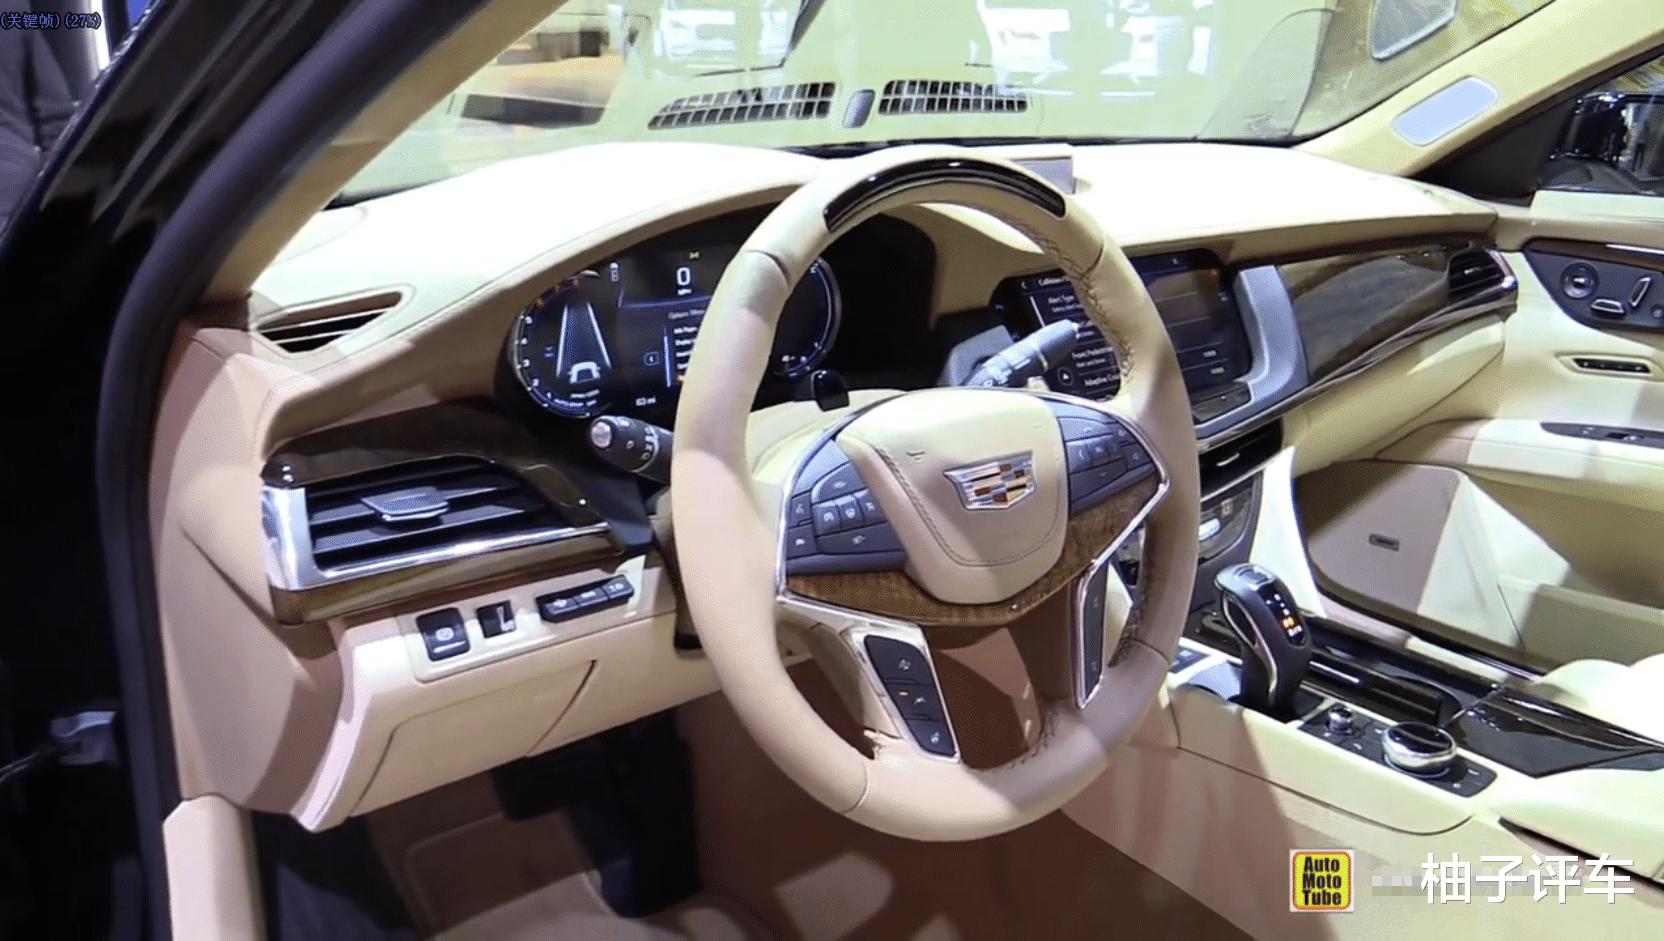 車長5米2媲美7系,237Ps+四輪轉向,這行政座艙跌至28萬,要啥3系-圖3